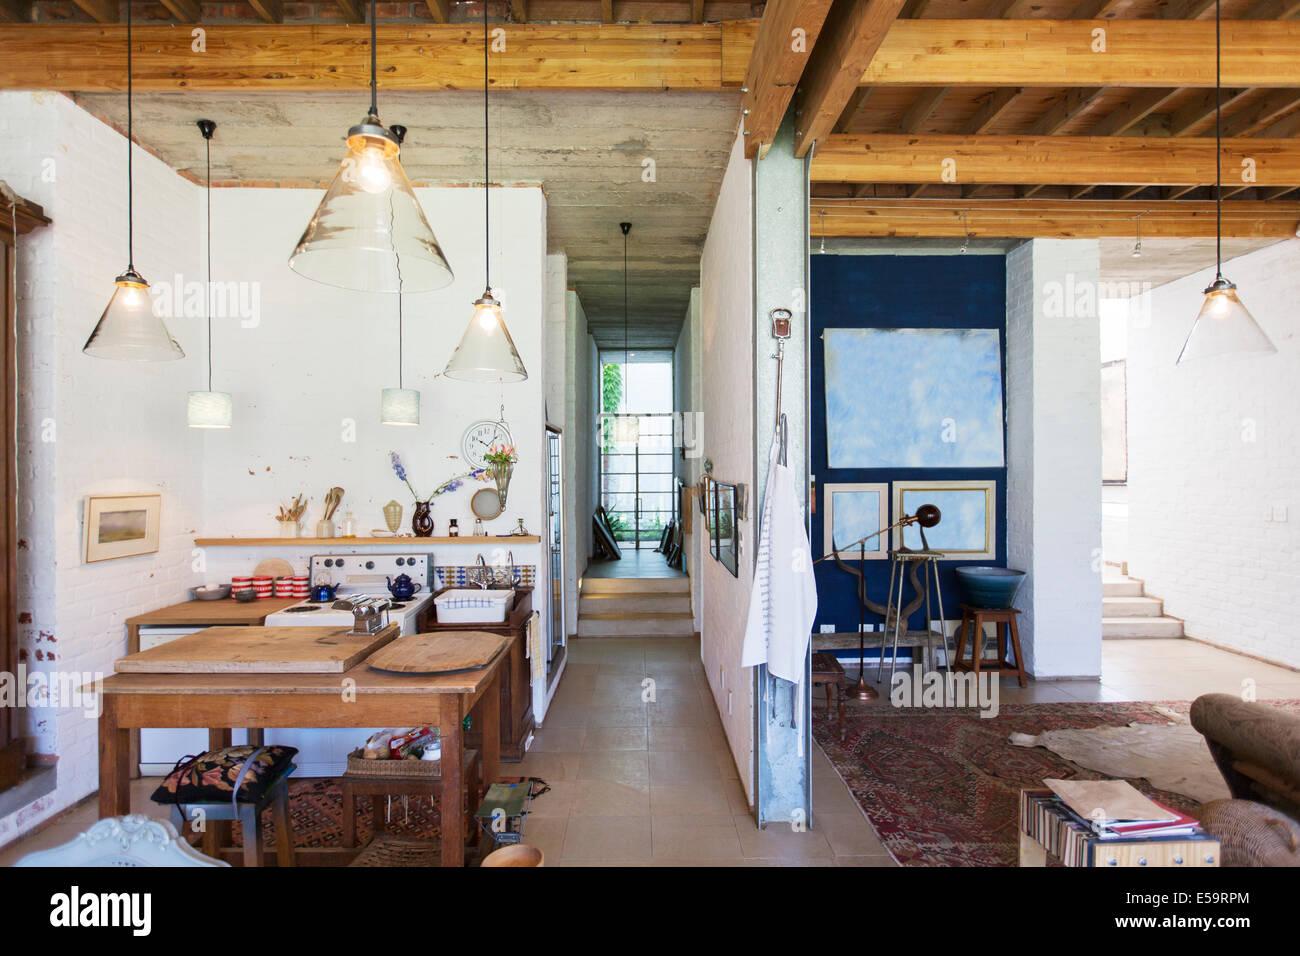 La cocina y el salón de casa rústica Imagen De Stock